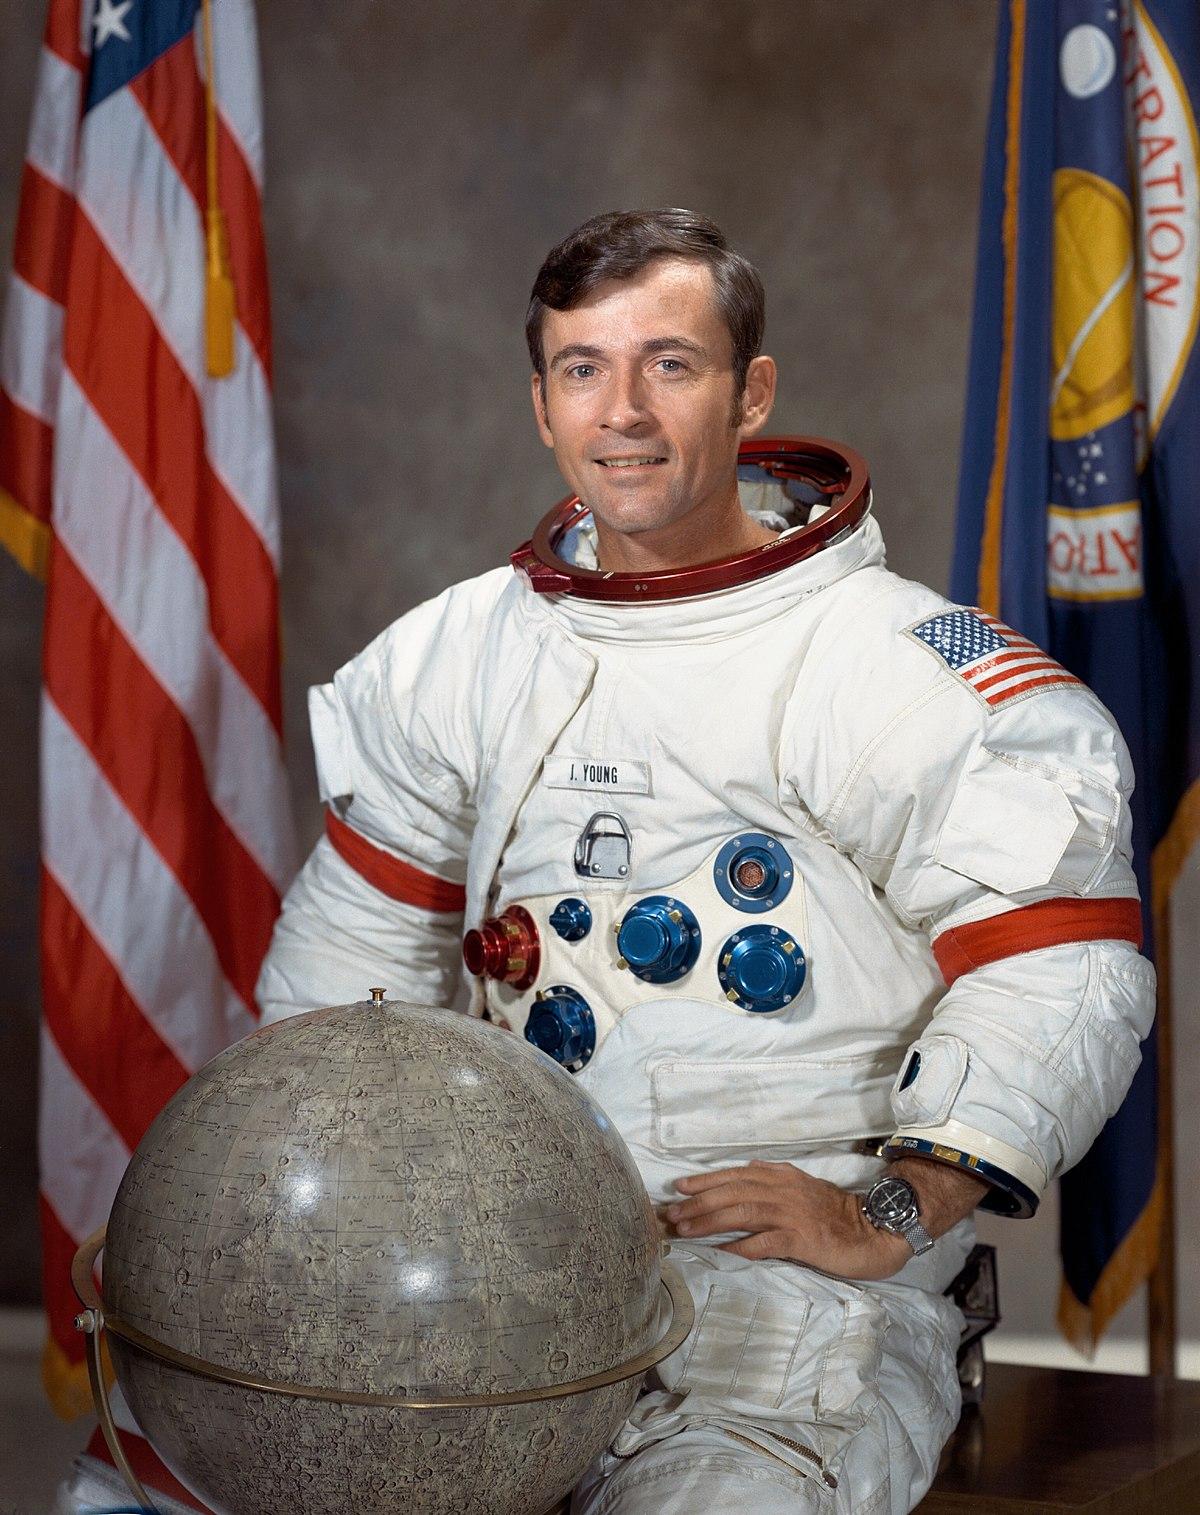 John Young (astronaut)